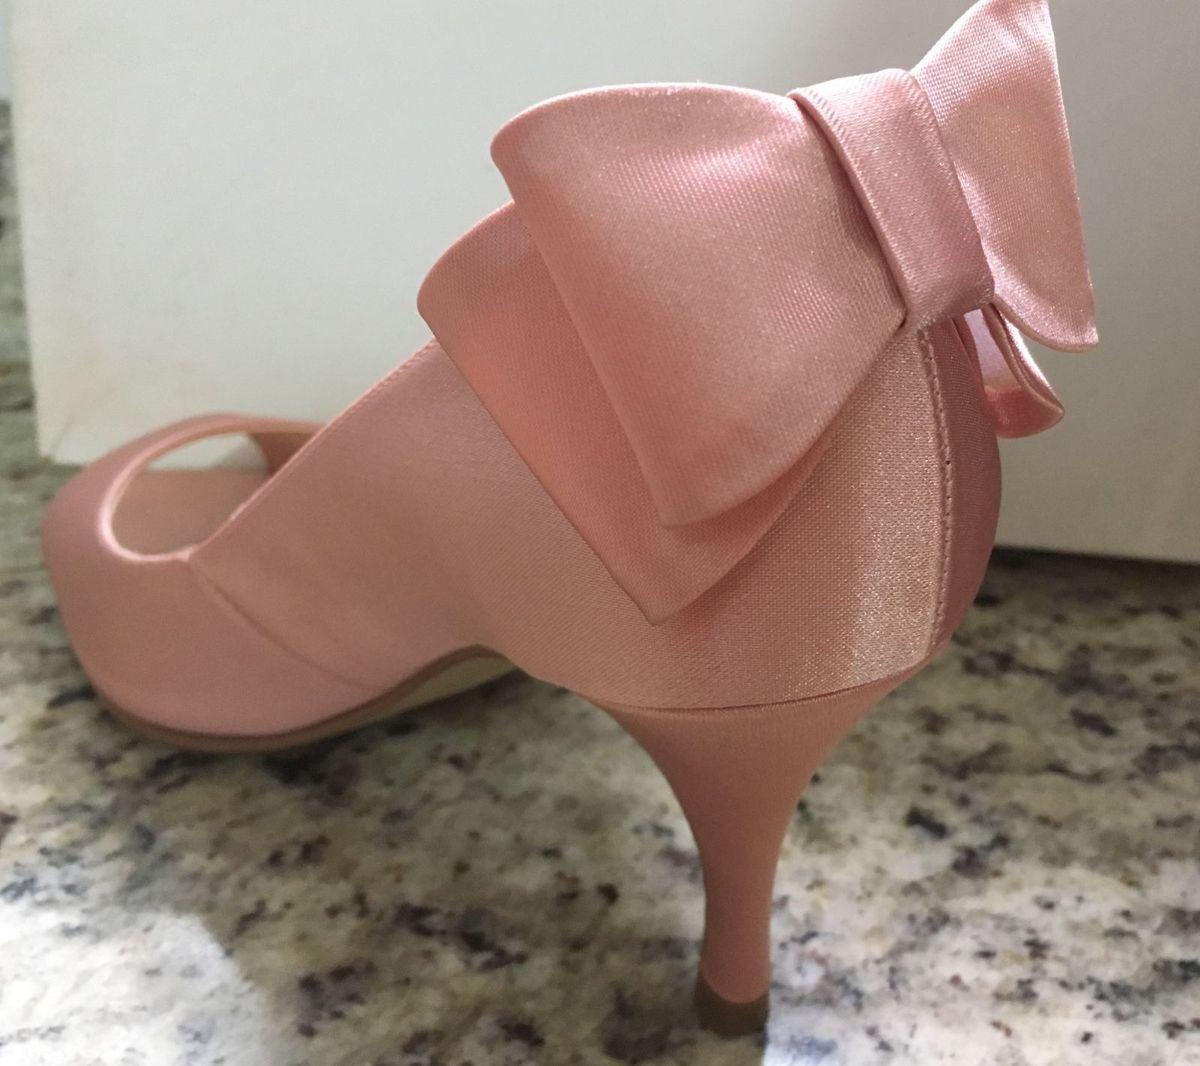 e8f6b2a908 sandalia cetim rose - sandálias carbonilla.  Czm6ly9wag90b3muzw5qb2vplmnvbs5ici9wcm9kdwn0cy83ode0nzixlzfjzmnlyjzmyjm1ntc3mjdjnzawzgjmywm1mgi2mthjlmpwzw